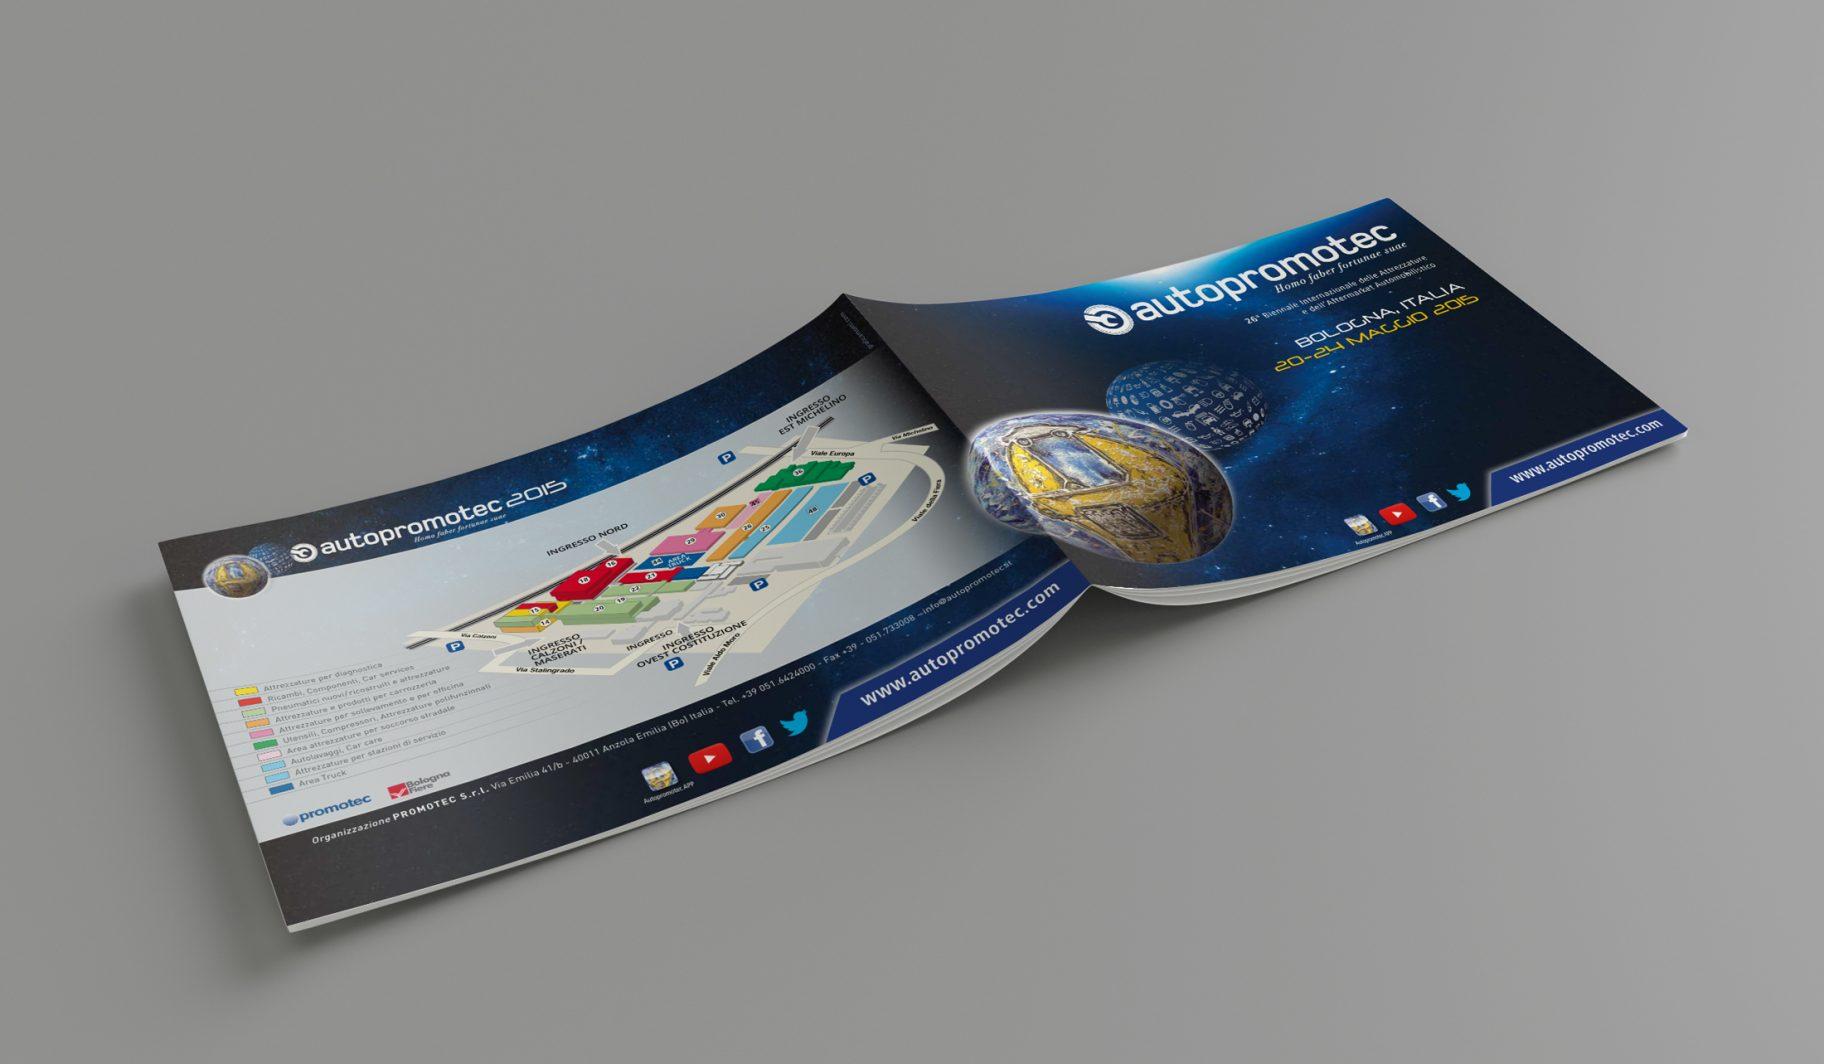 Autopromotec-fiera-2015-brochure_03